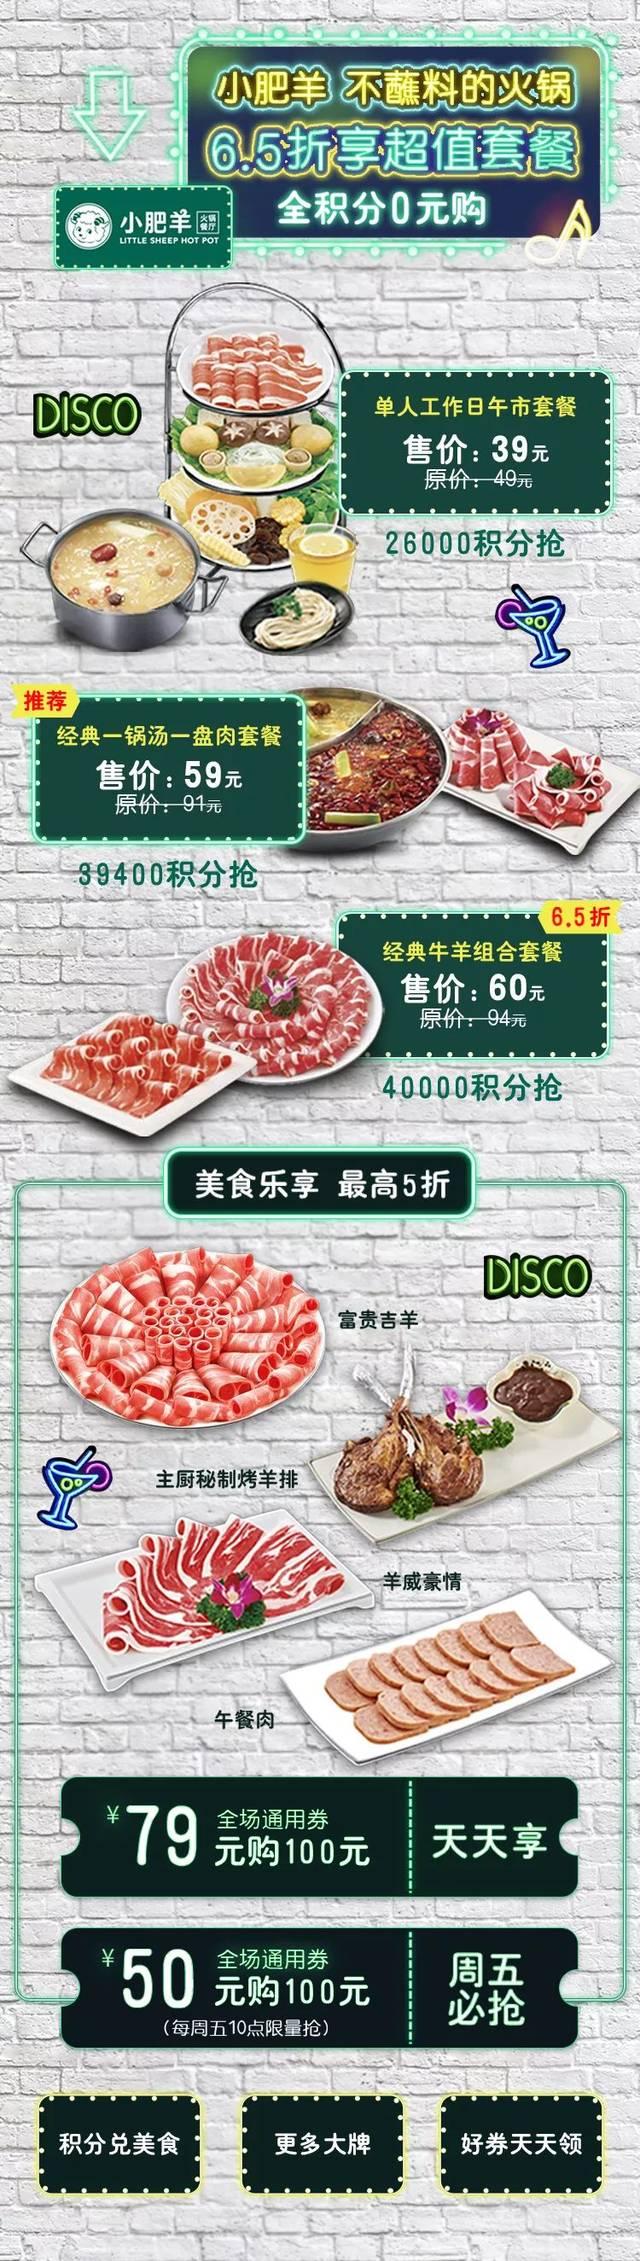 【福利】低至65折的不蘸料火锅-小肥羊超值套餐来啦!